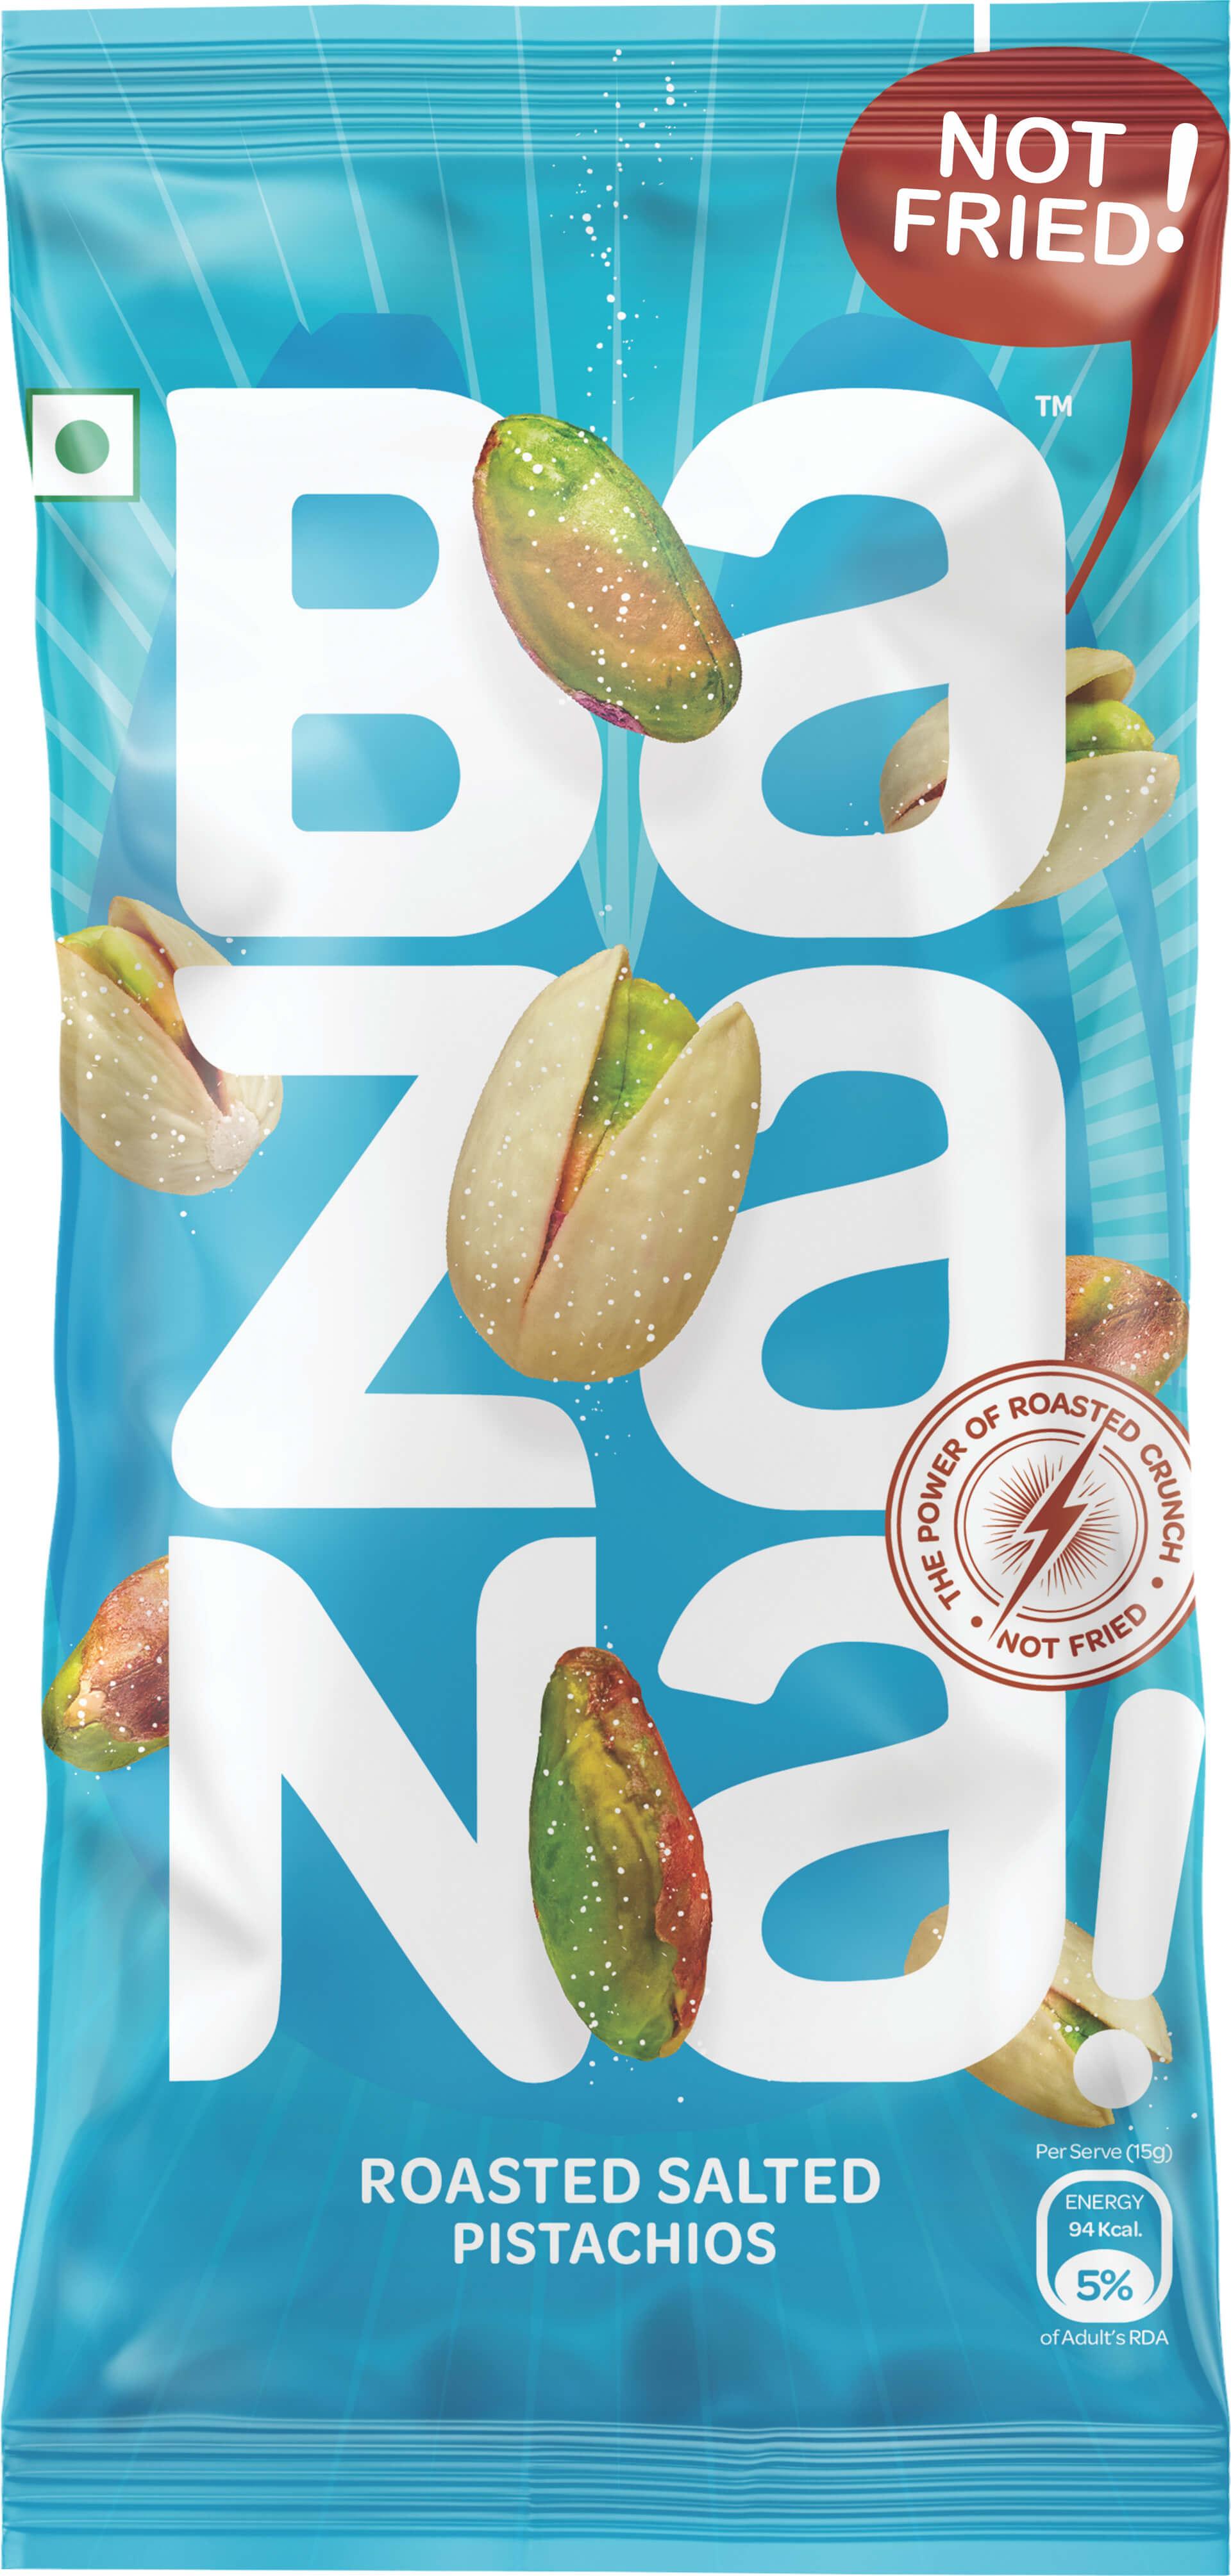 Roasted nut snacks